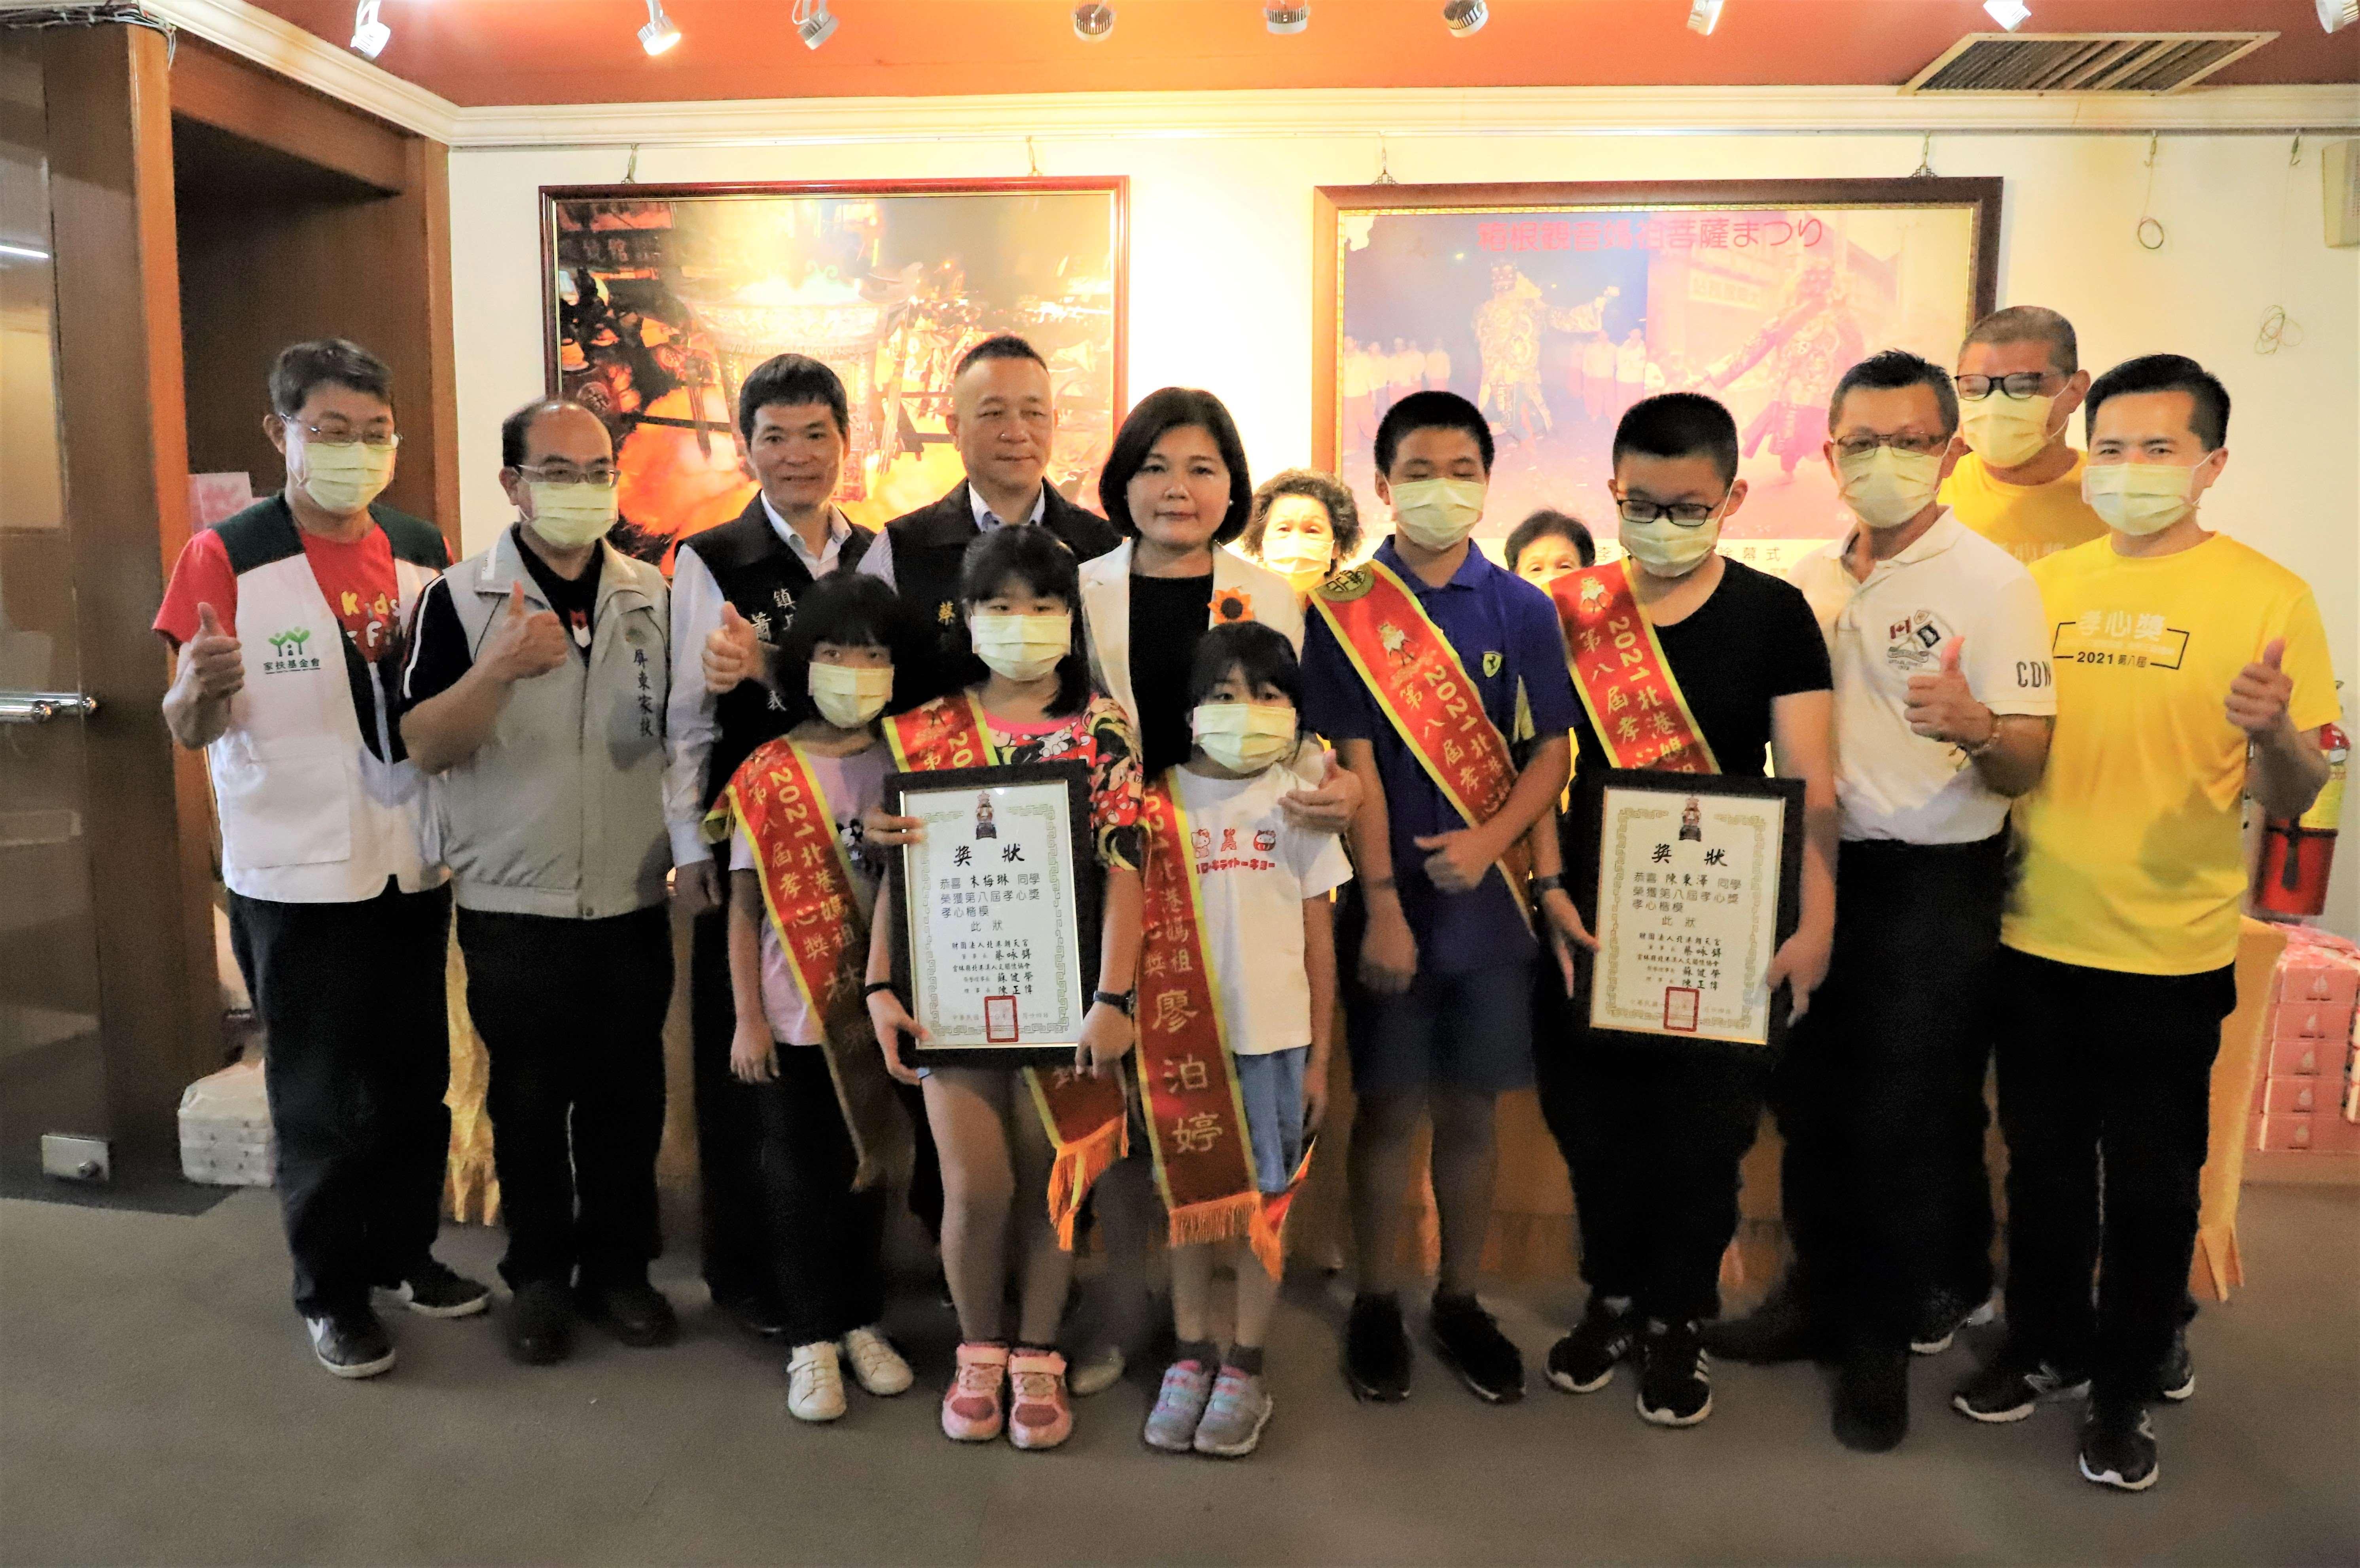 北港媽祖第八屆孝心獎表揚24名國中小學生,鼓勵他們持續向上。